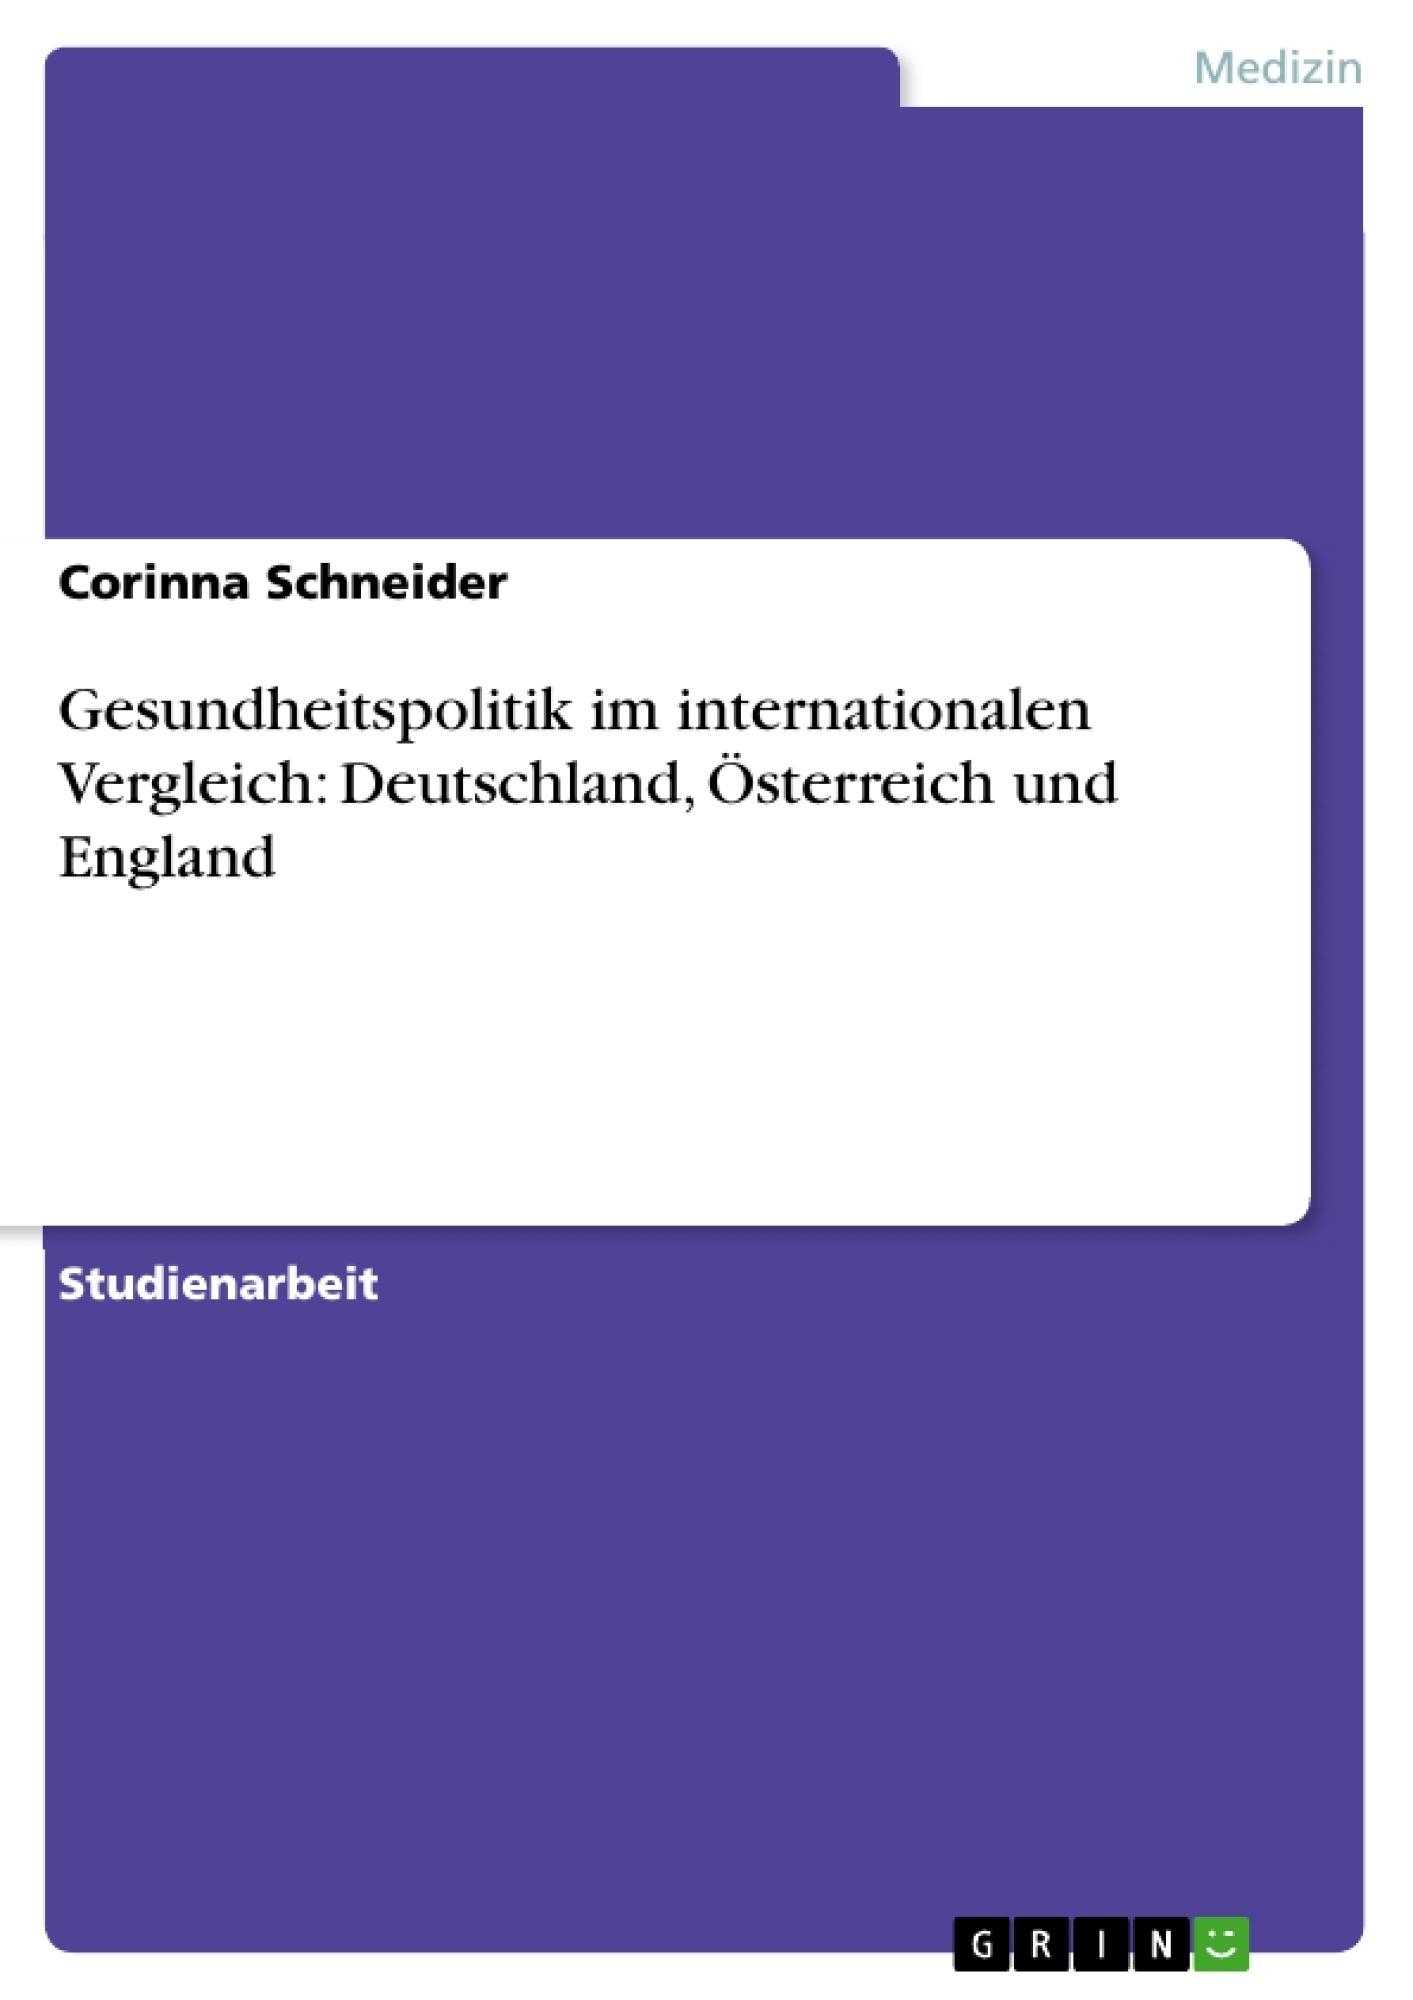 Titel: Gesundheitspolitik im internationalen Vergleich: Deutschland, Österreich und England